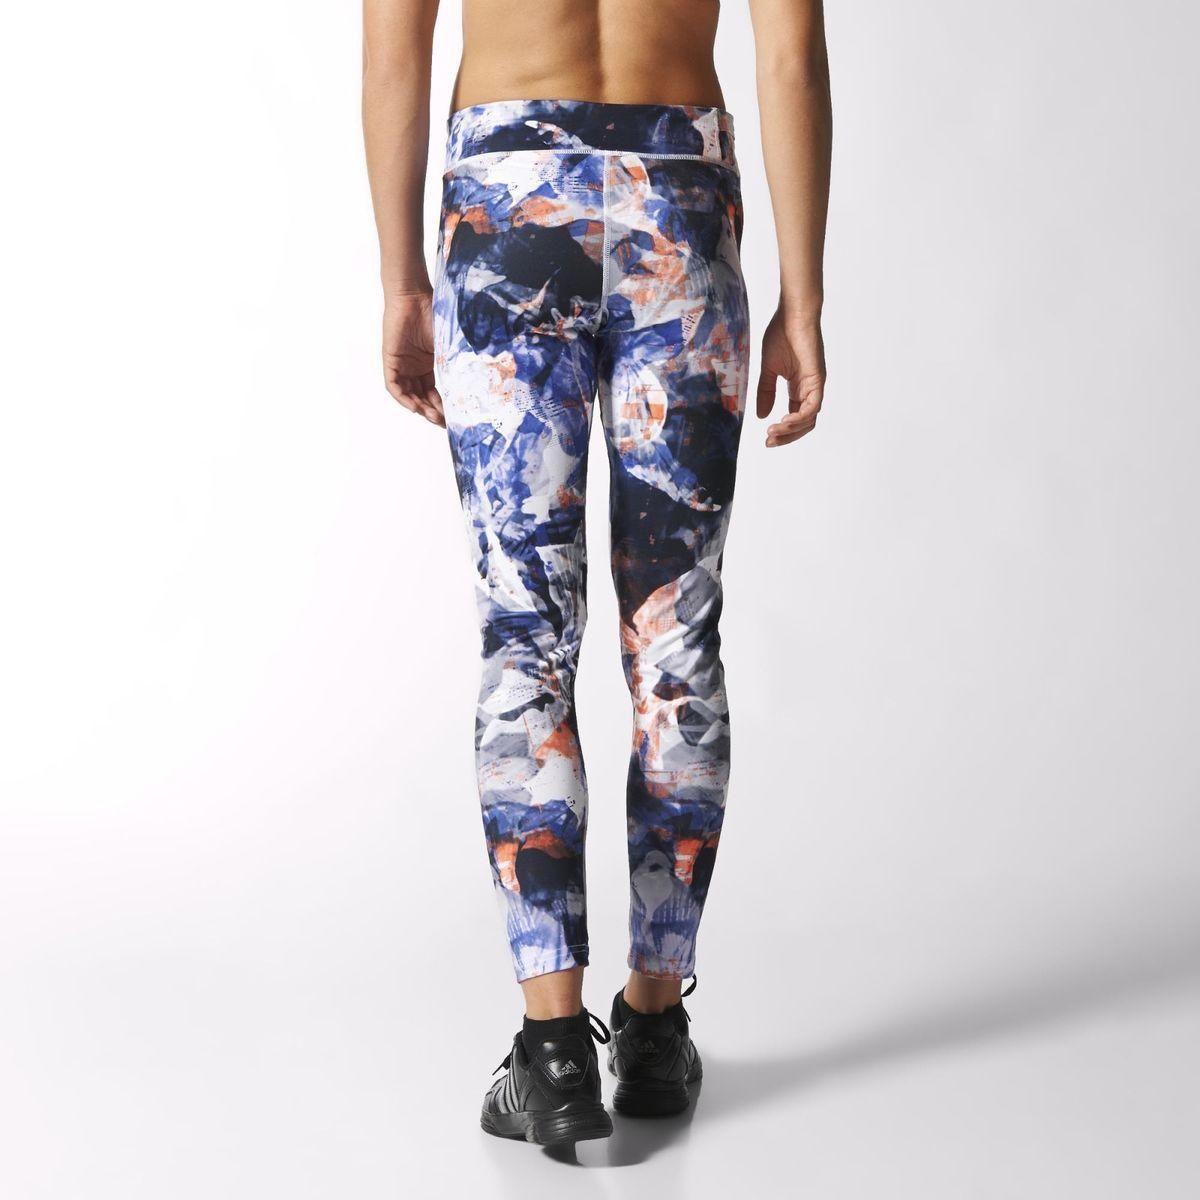 Adidas Womens Ultimate Fit Allover Print Tights - Multicolour/White -  Tennisnuts.com